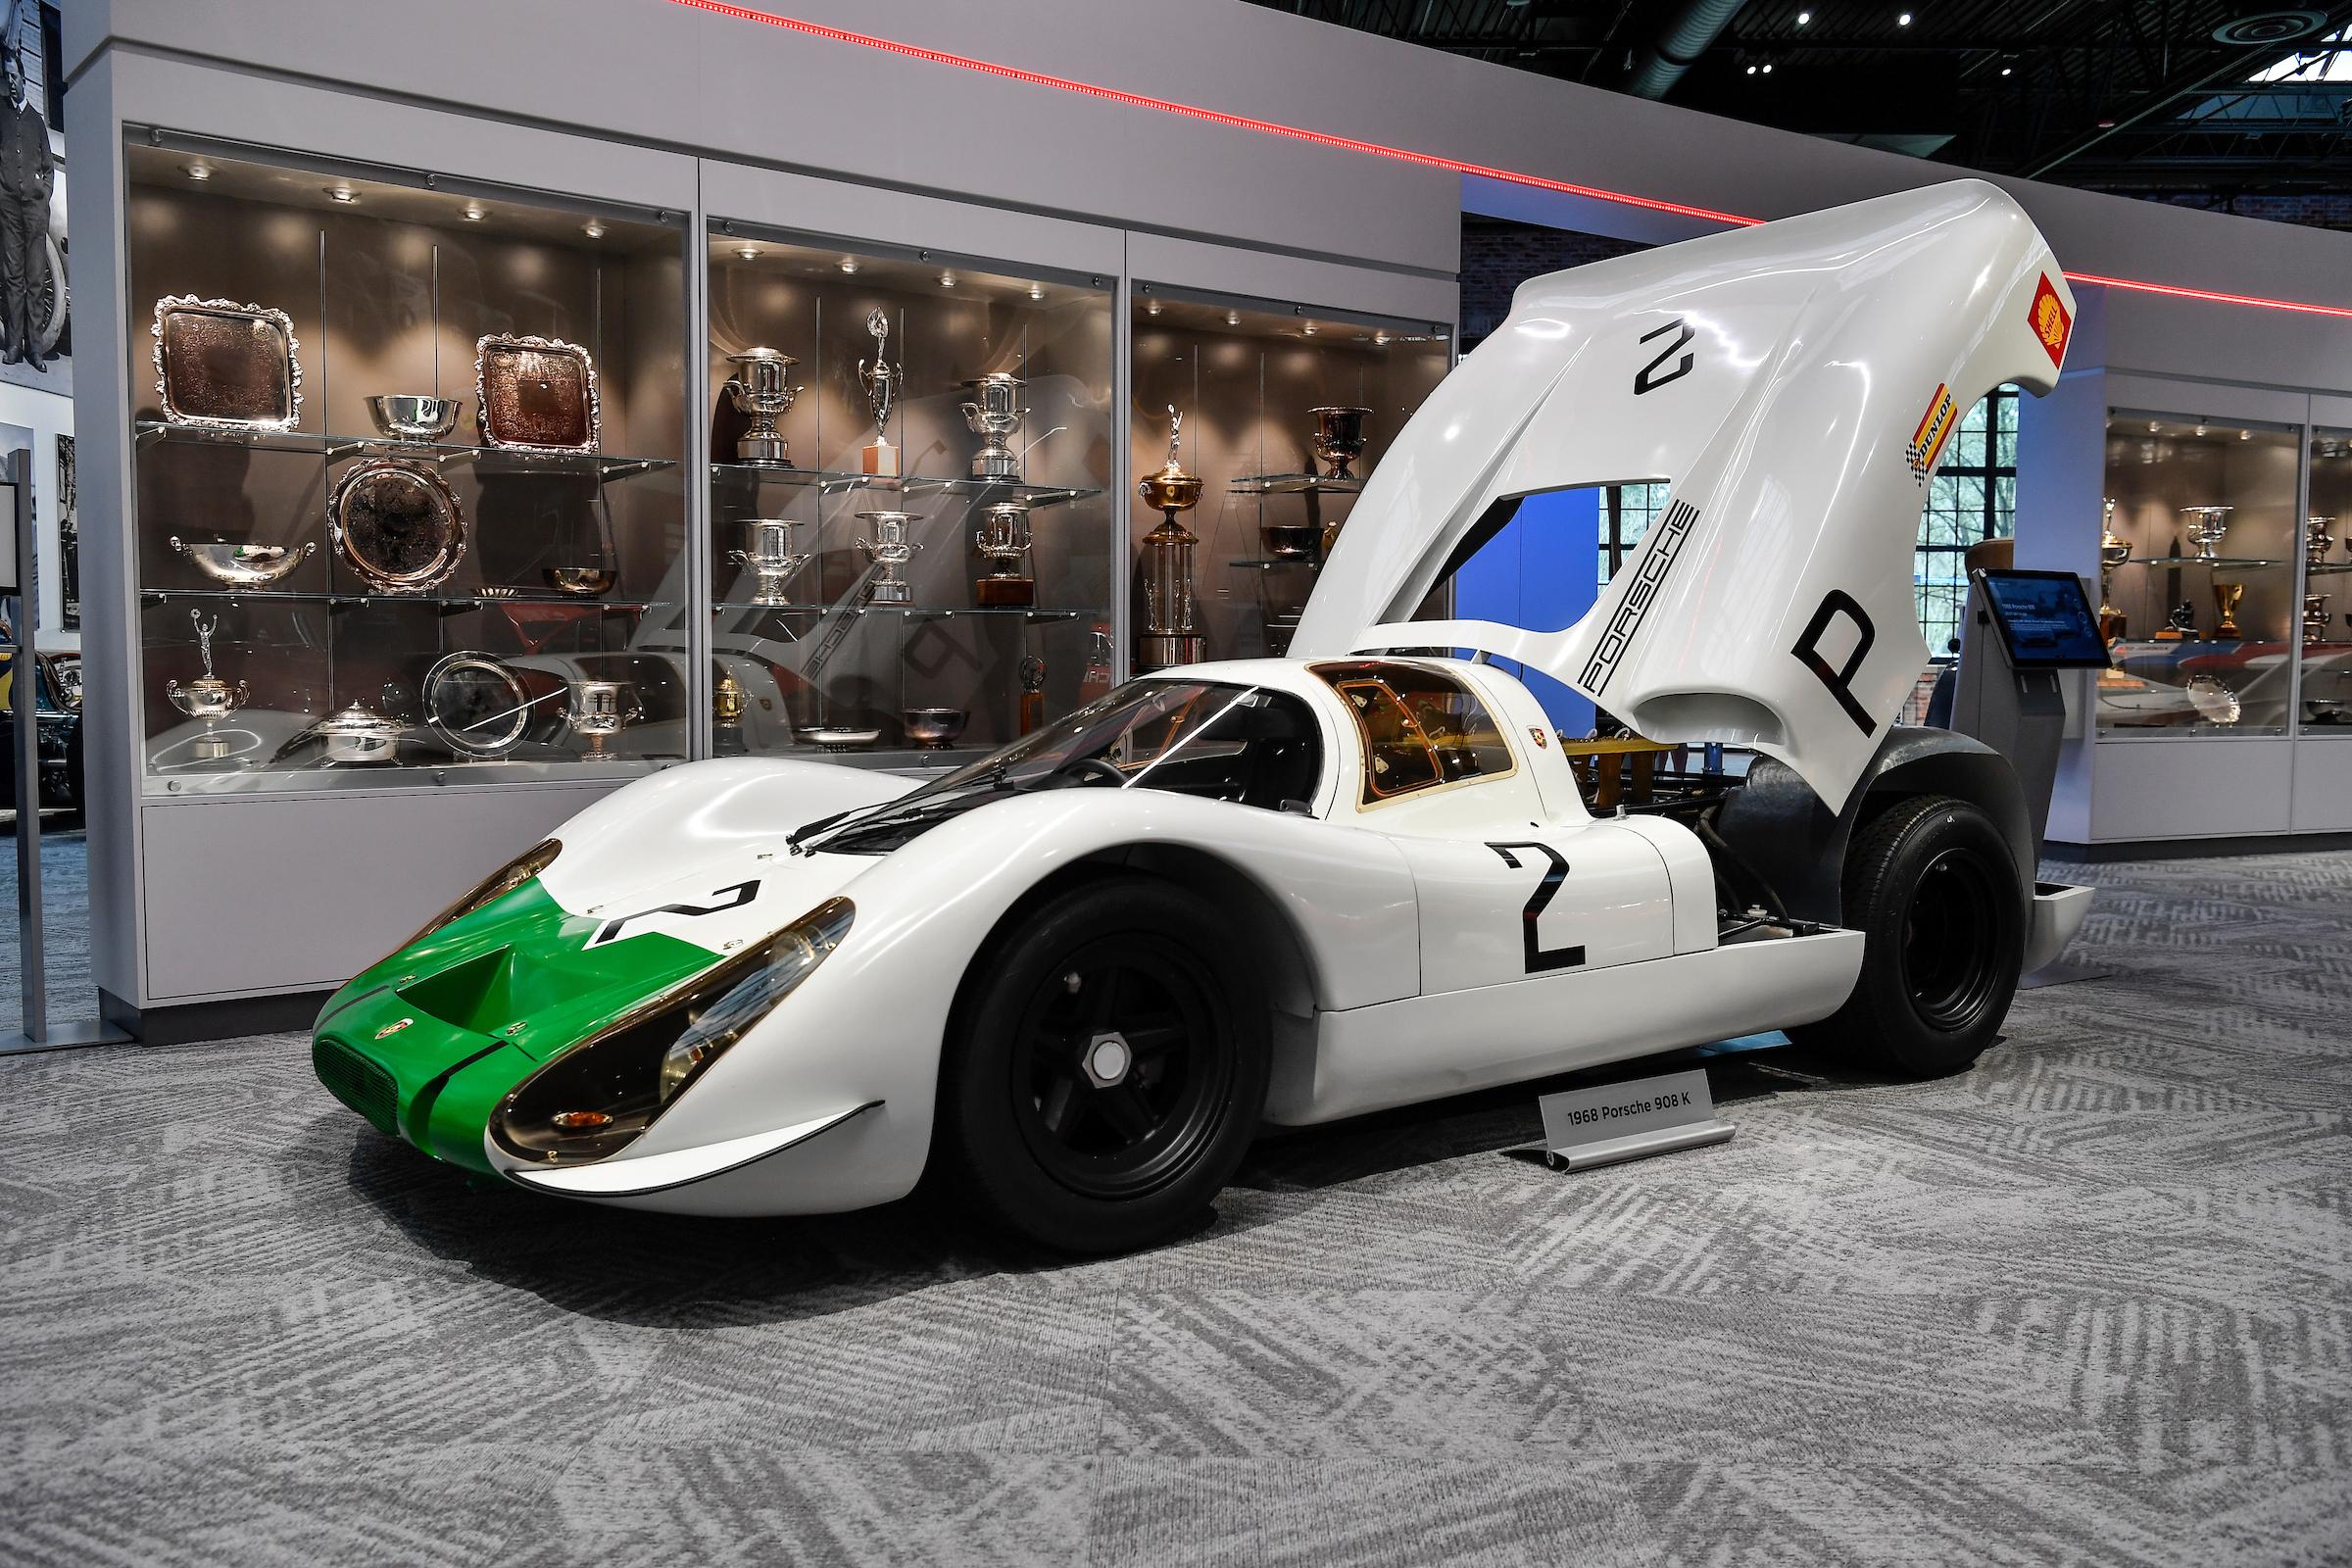 Brumos Collection 1968 Porsche 908 K